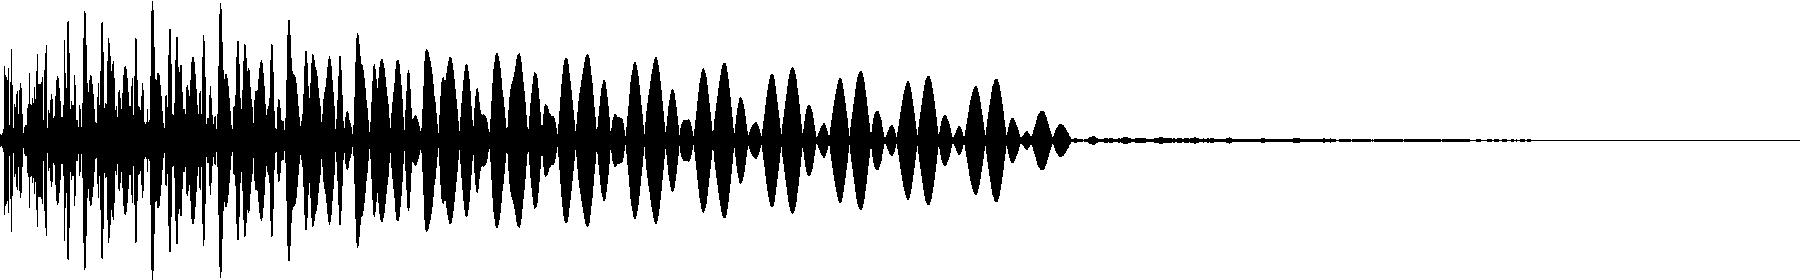 vedh bass cut 085 c